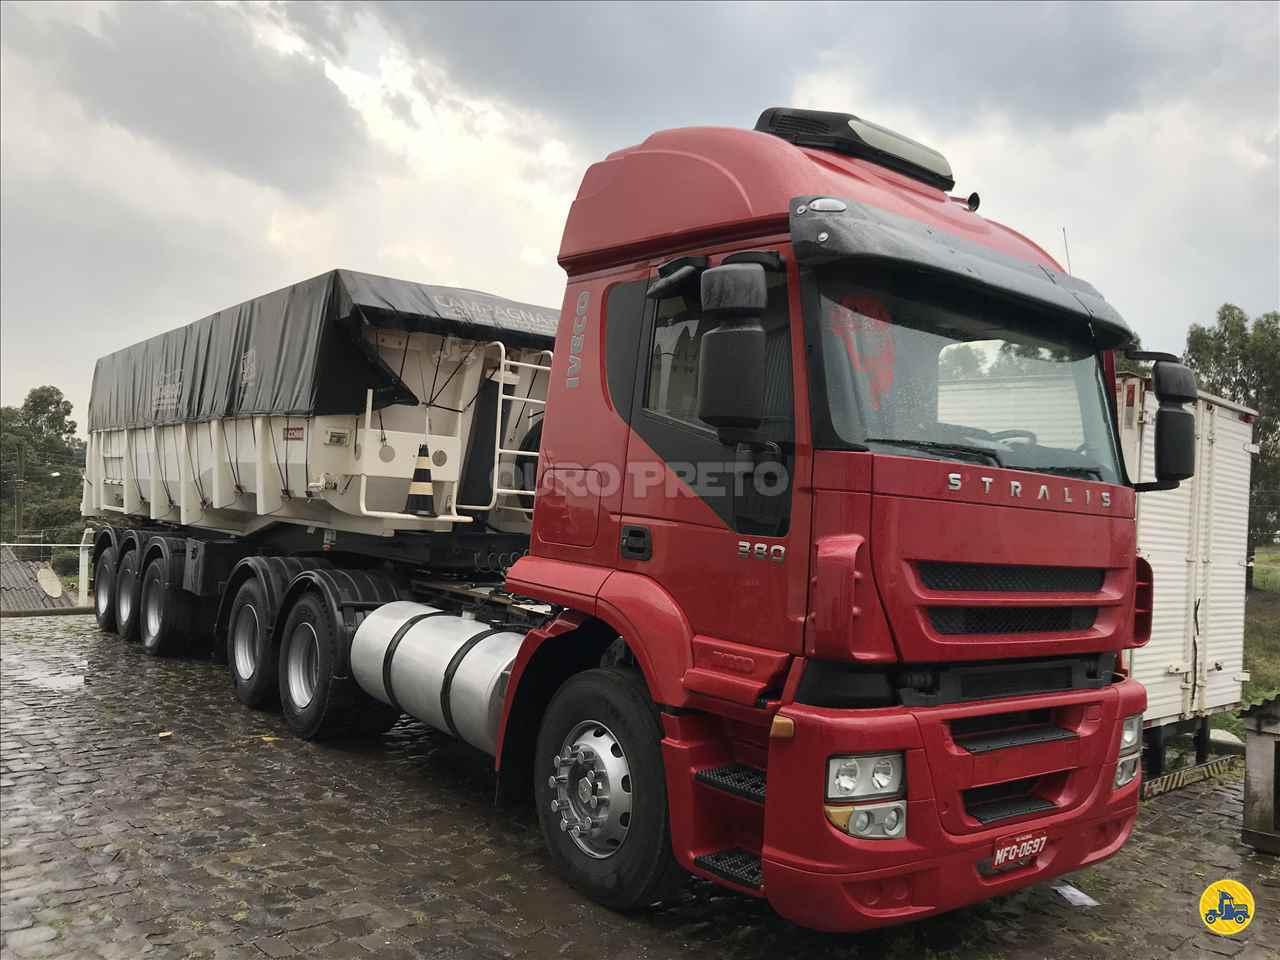 CAMINHAO IVECO STRALIS 380 Caçamba Basculante Truck 6x2 Ouro Preto Caminhões LAGES SANTA CATARINA SC